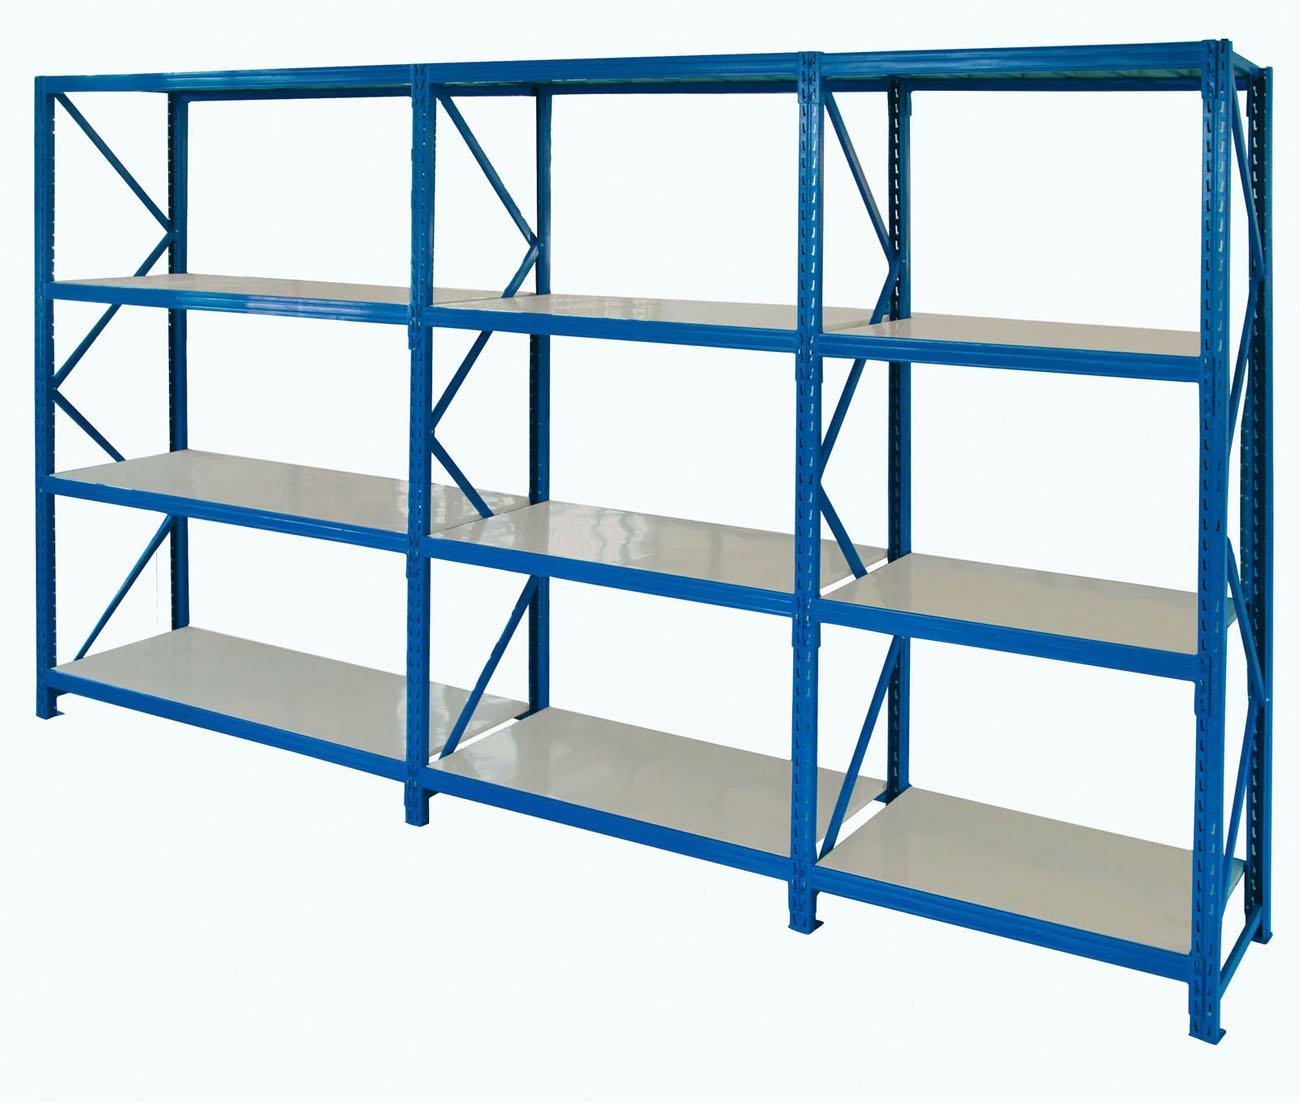 Jiabao jiebao Iron Warehouse Storage Rack Buy Jiabao